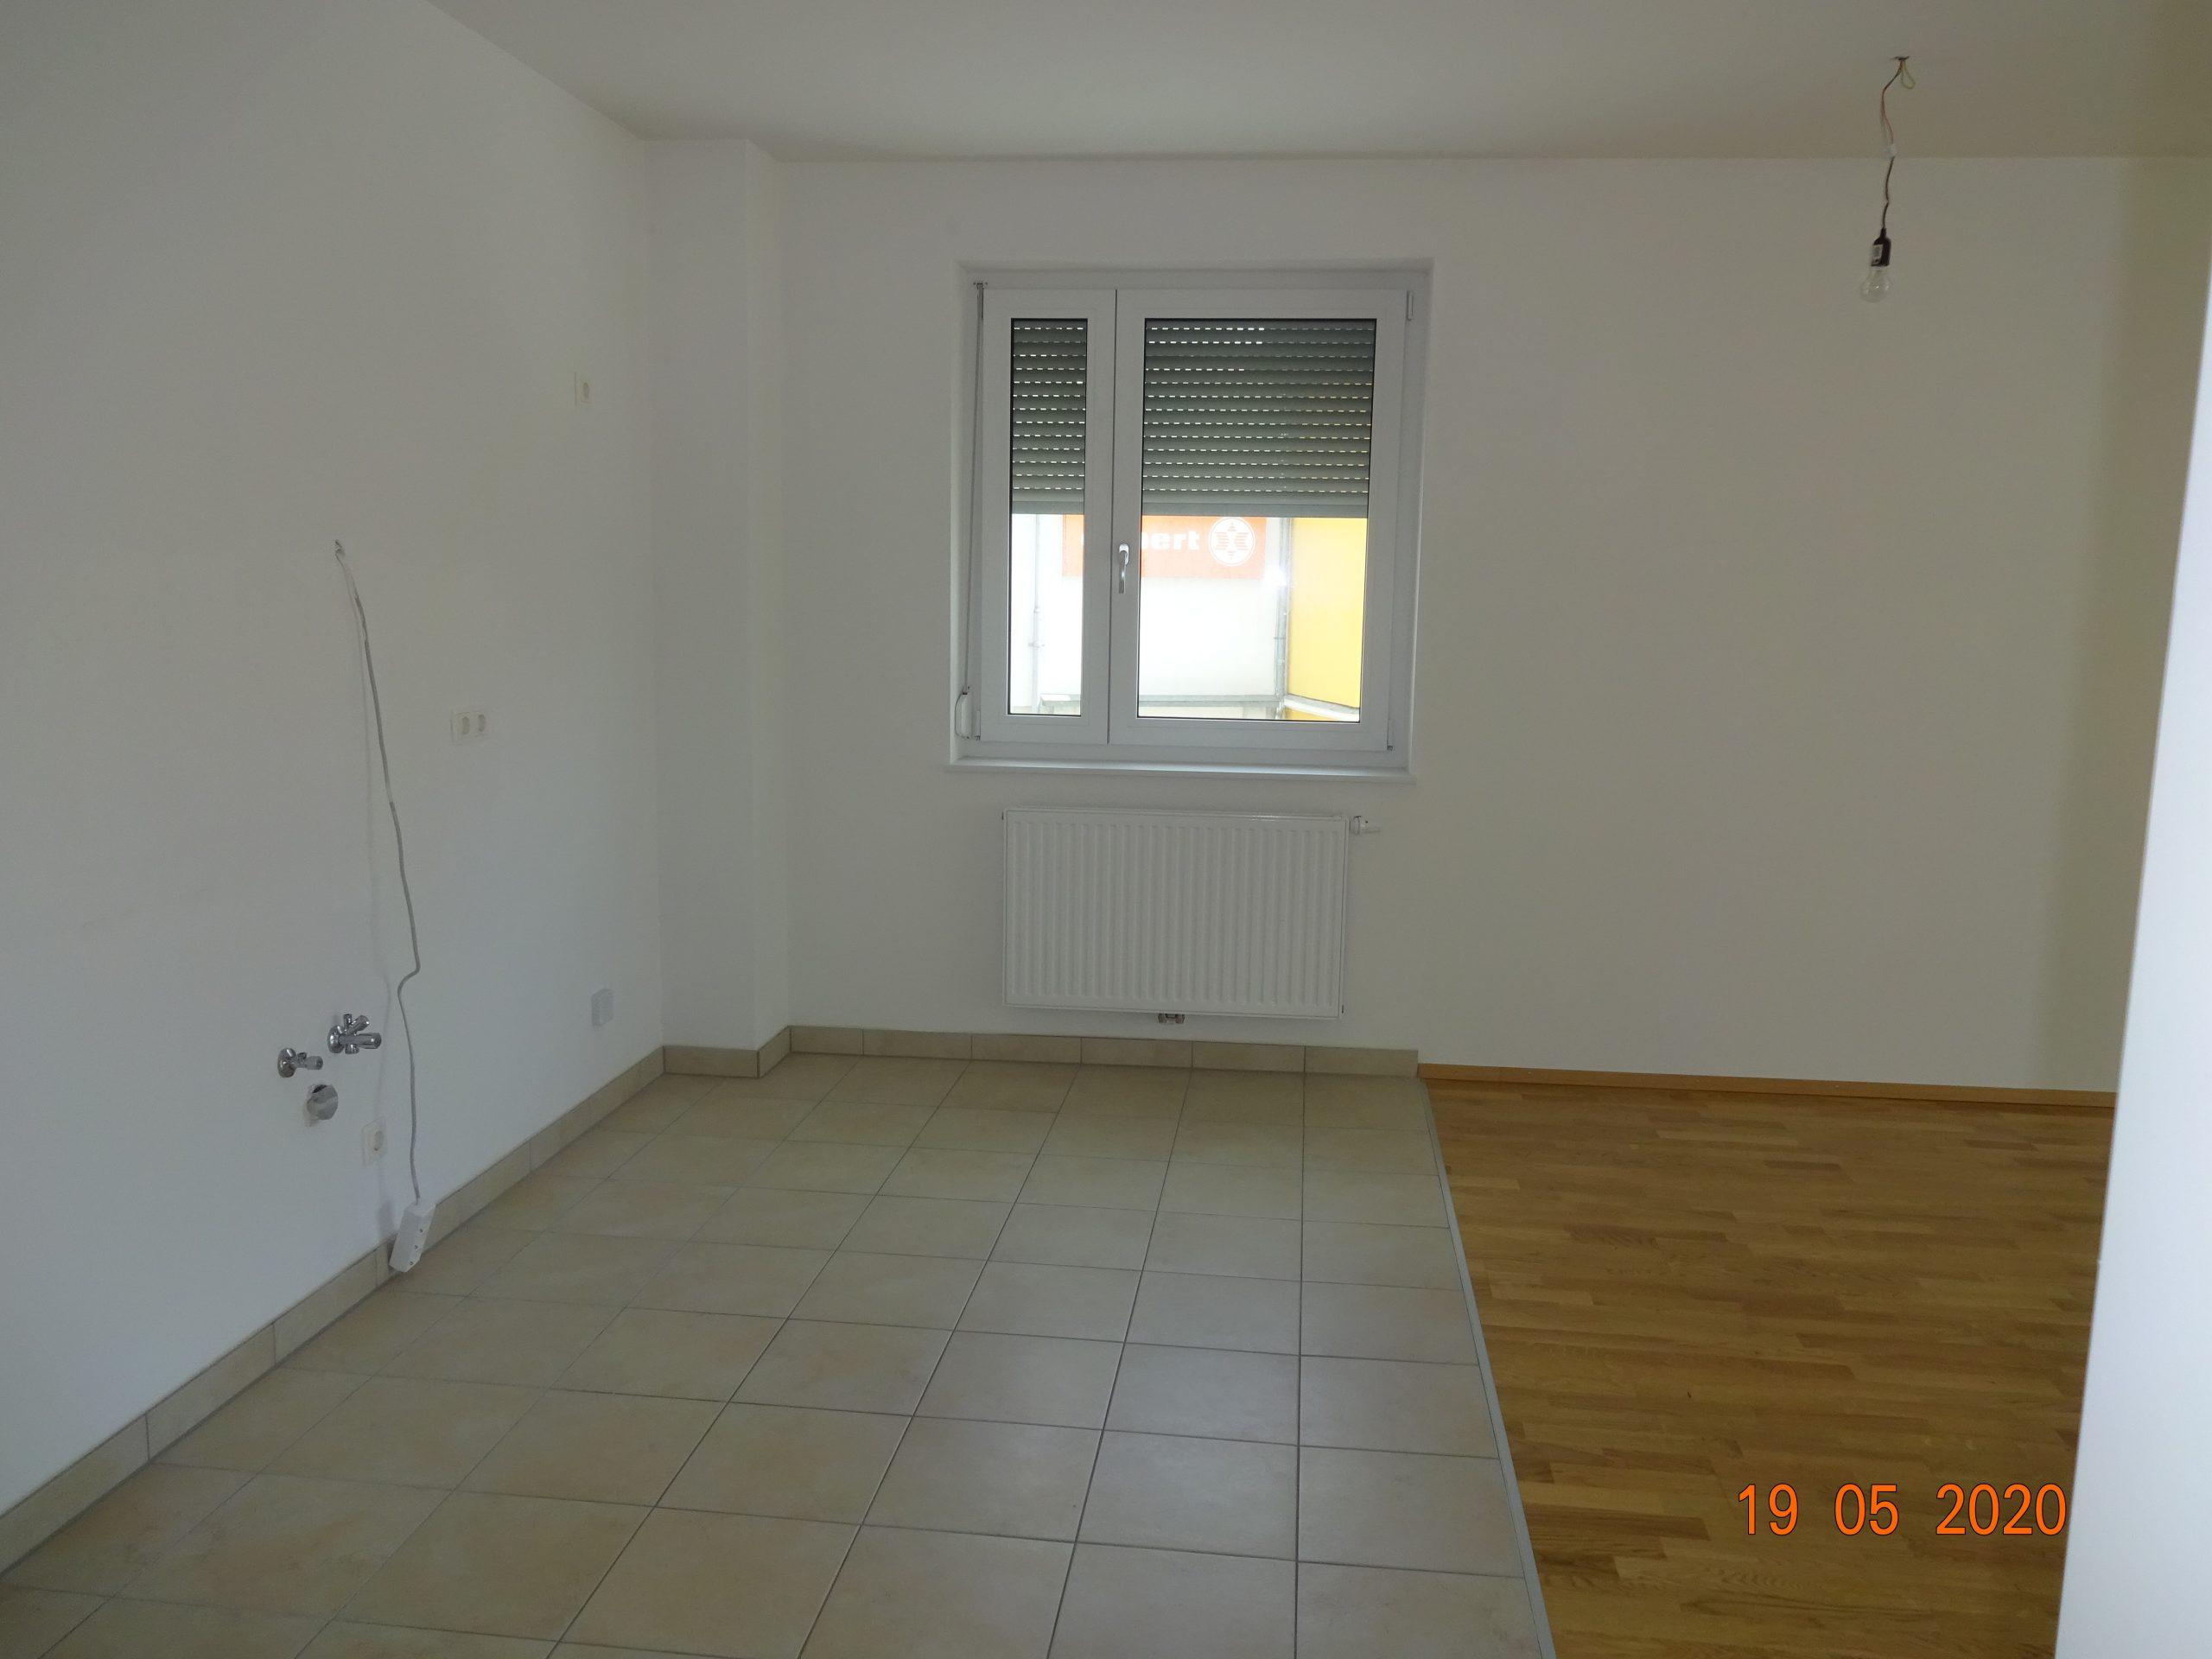 Immobilie von Kamptal in 3920 Groß Gerungs, Zwettl, Gr. Gerungs IV/1 - Top 104 #3